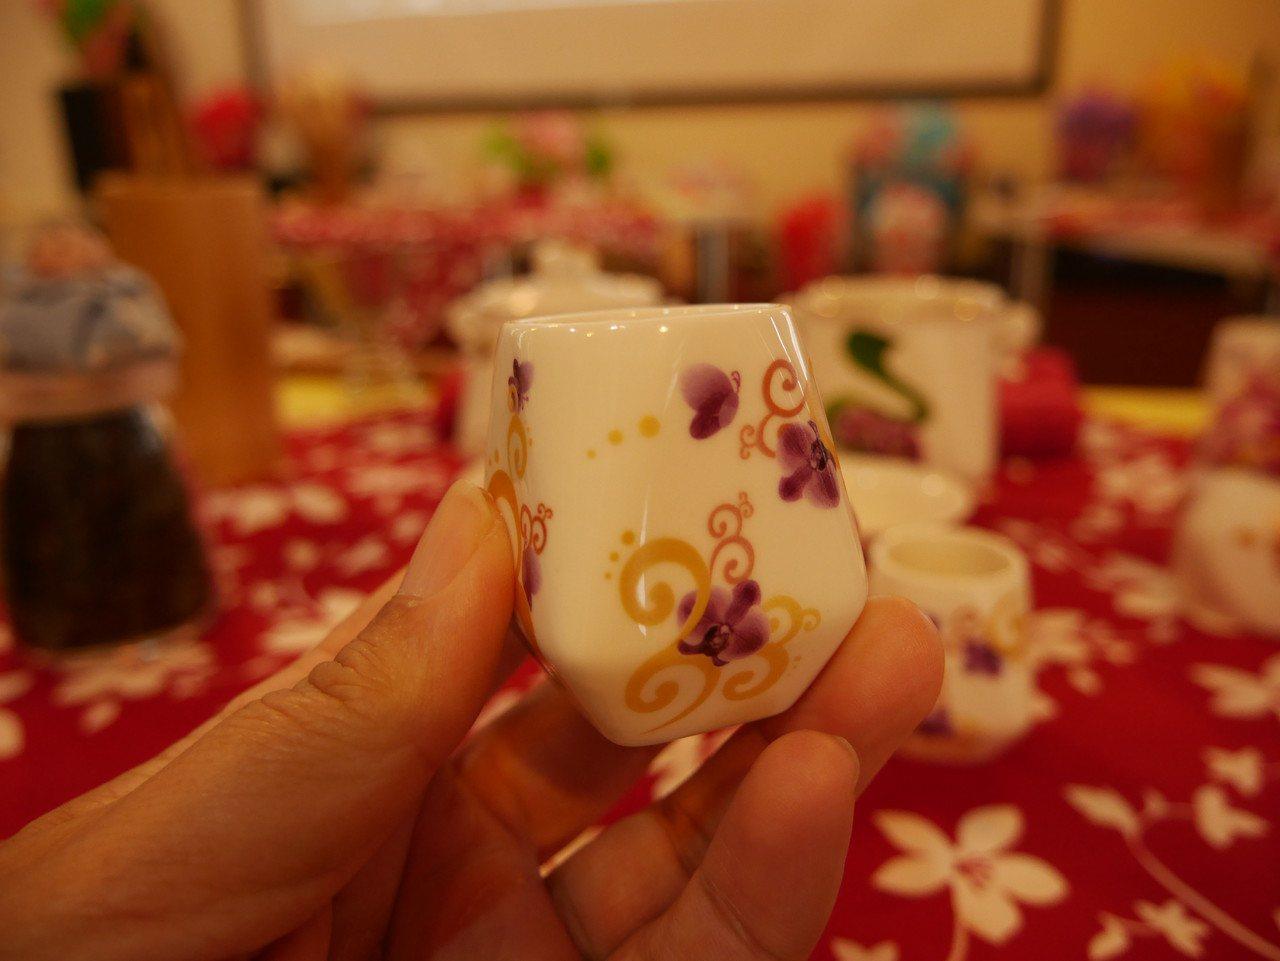 天燈造型的茶杯,讓人愛不釋手。 記者吳淑君/攝影